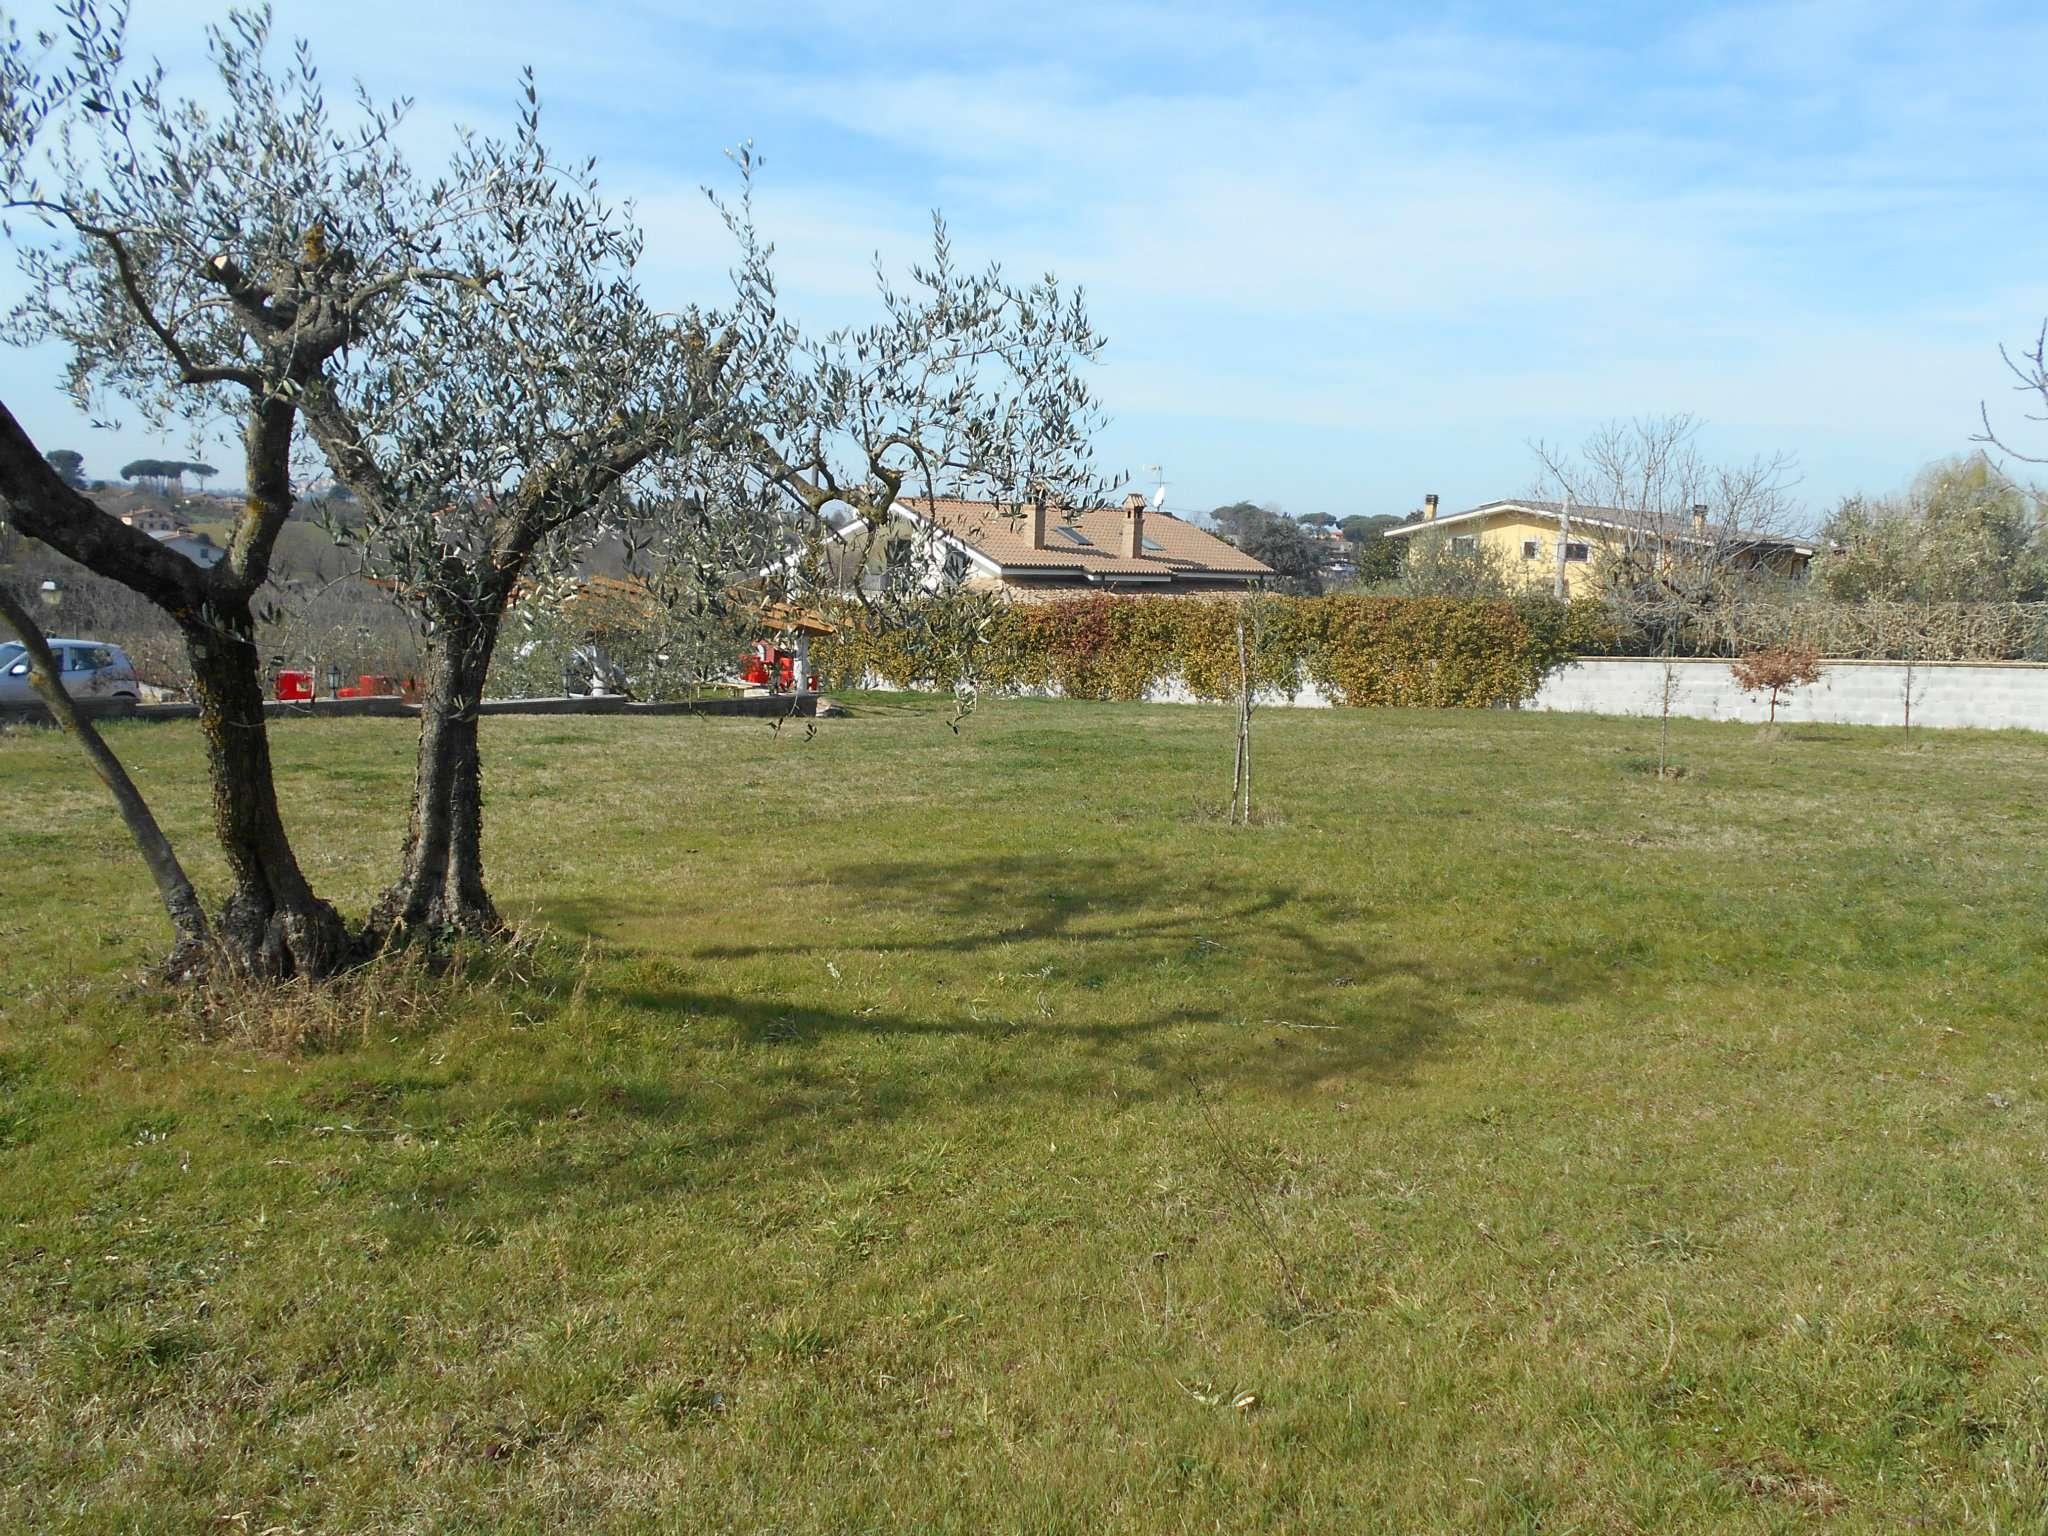 Terreno Agricolo in vendita a Zagarolo, 1 locali, prezzo € 53.000 | Cambio Casa.it